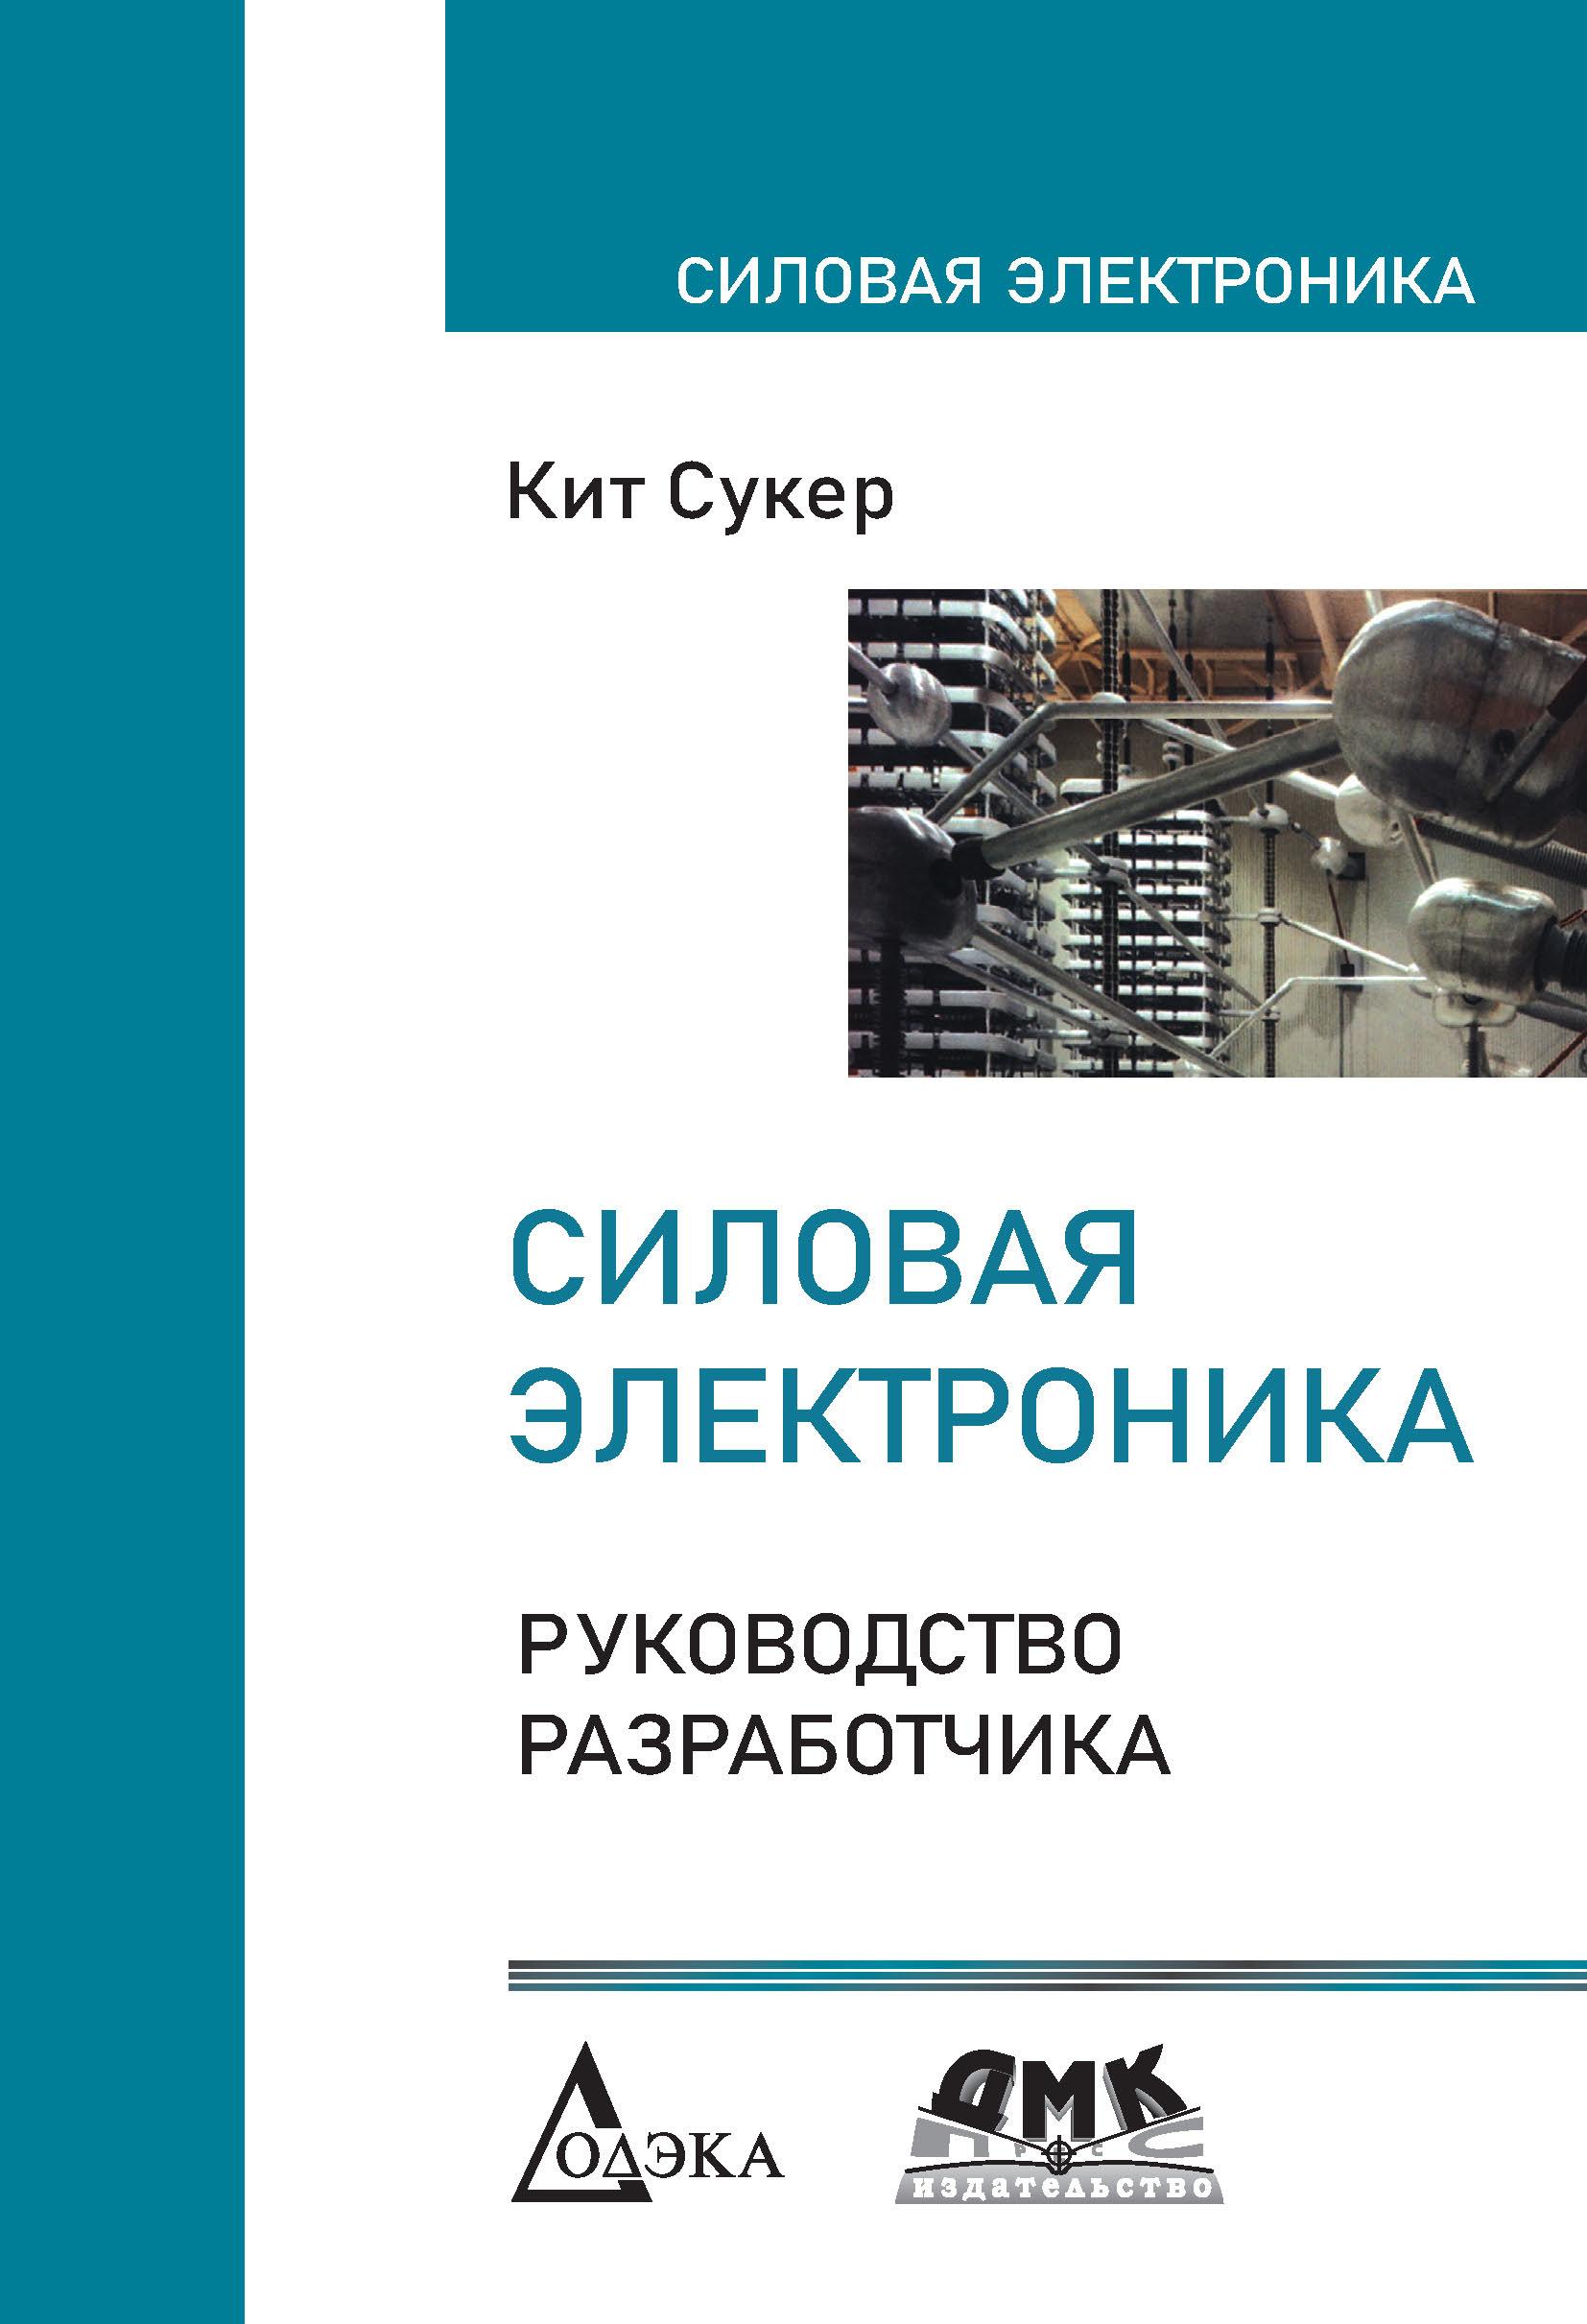 Кит Сукер Силовая электроника. Руководство разработчика г с зиновьев электромагнитная совместимость устройств силовой электроники часть 4